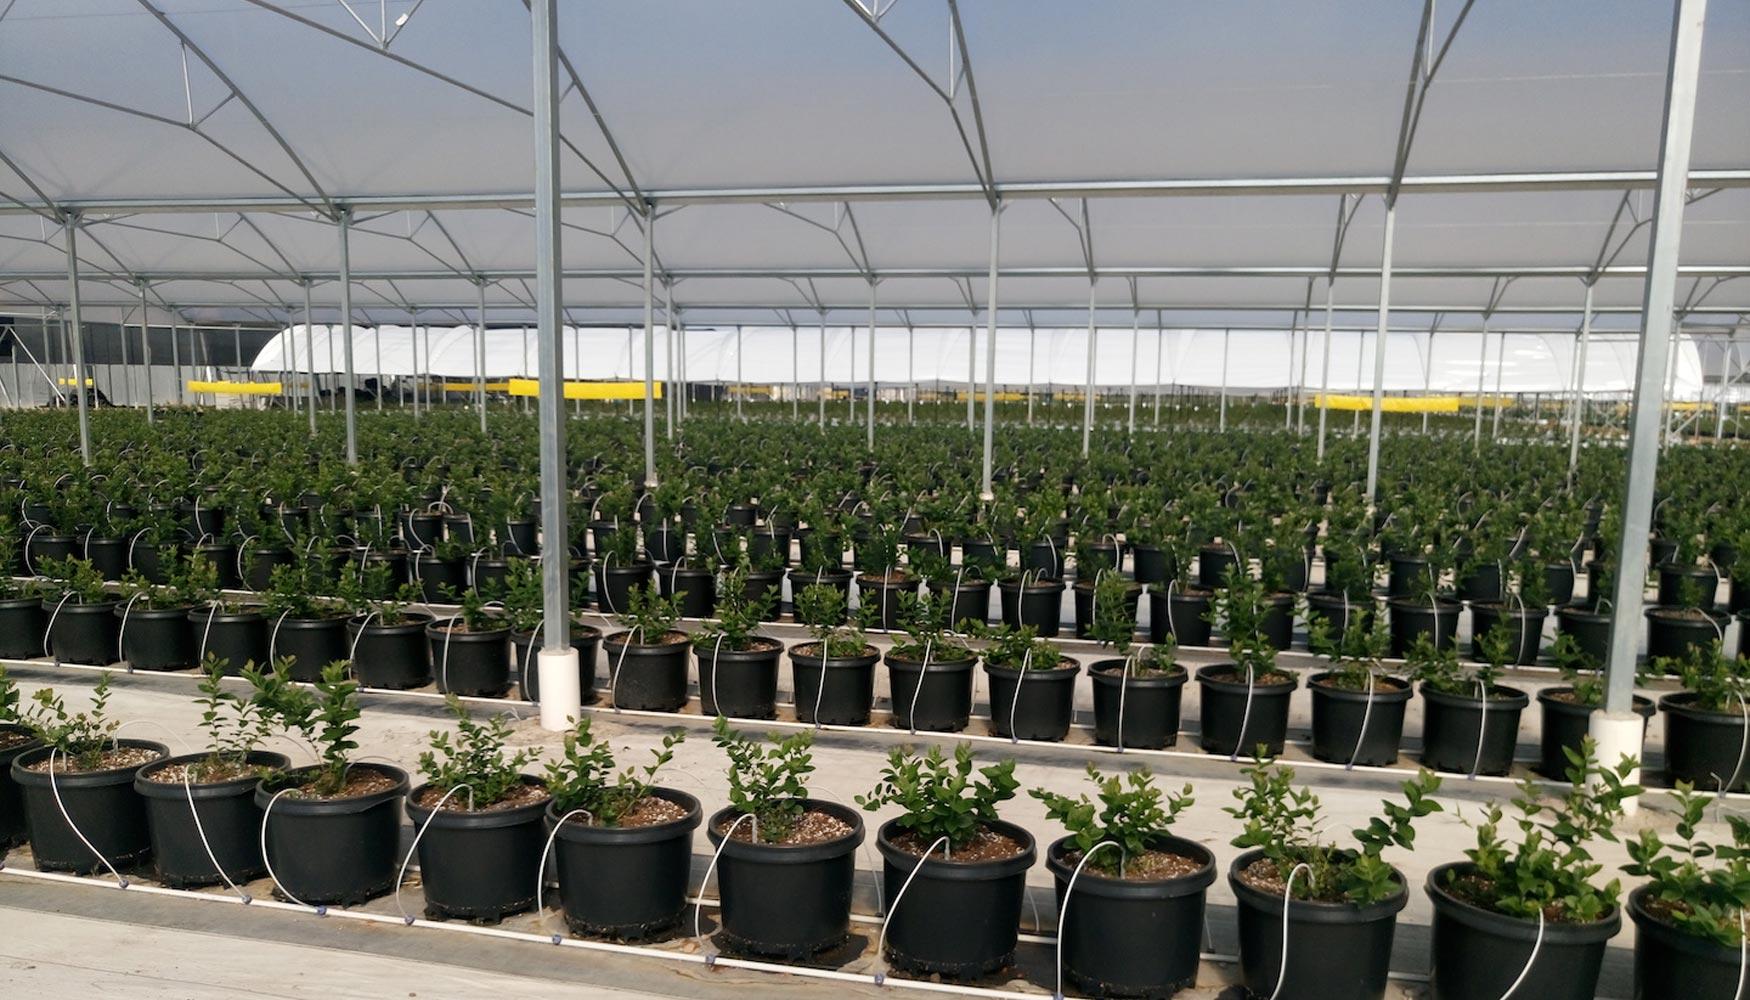 زراعة-اشجار-الفاكهة-بتقنية-الزراعة-المائية